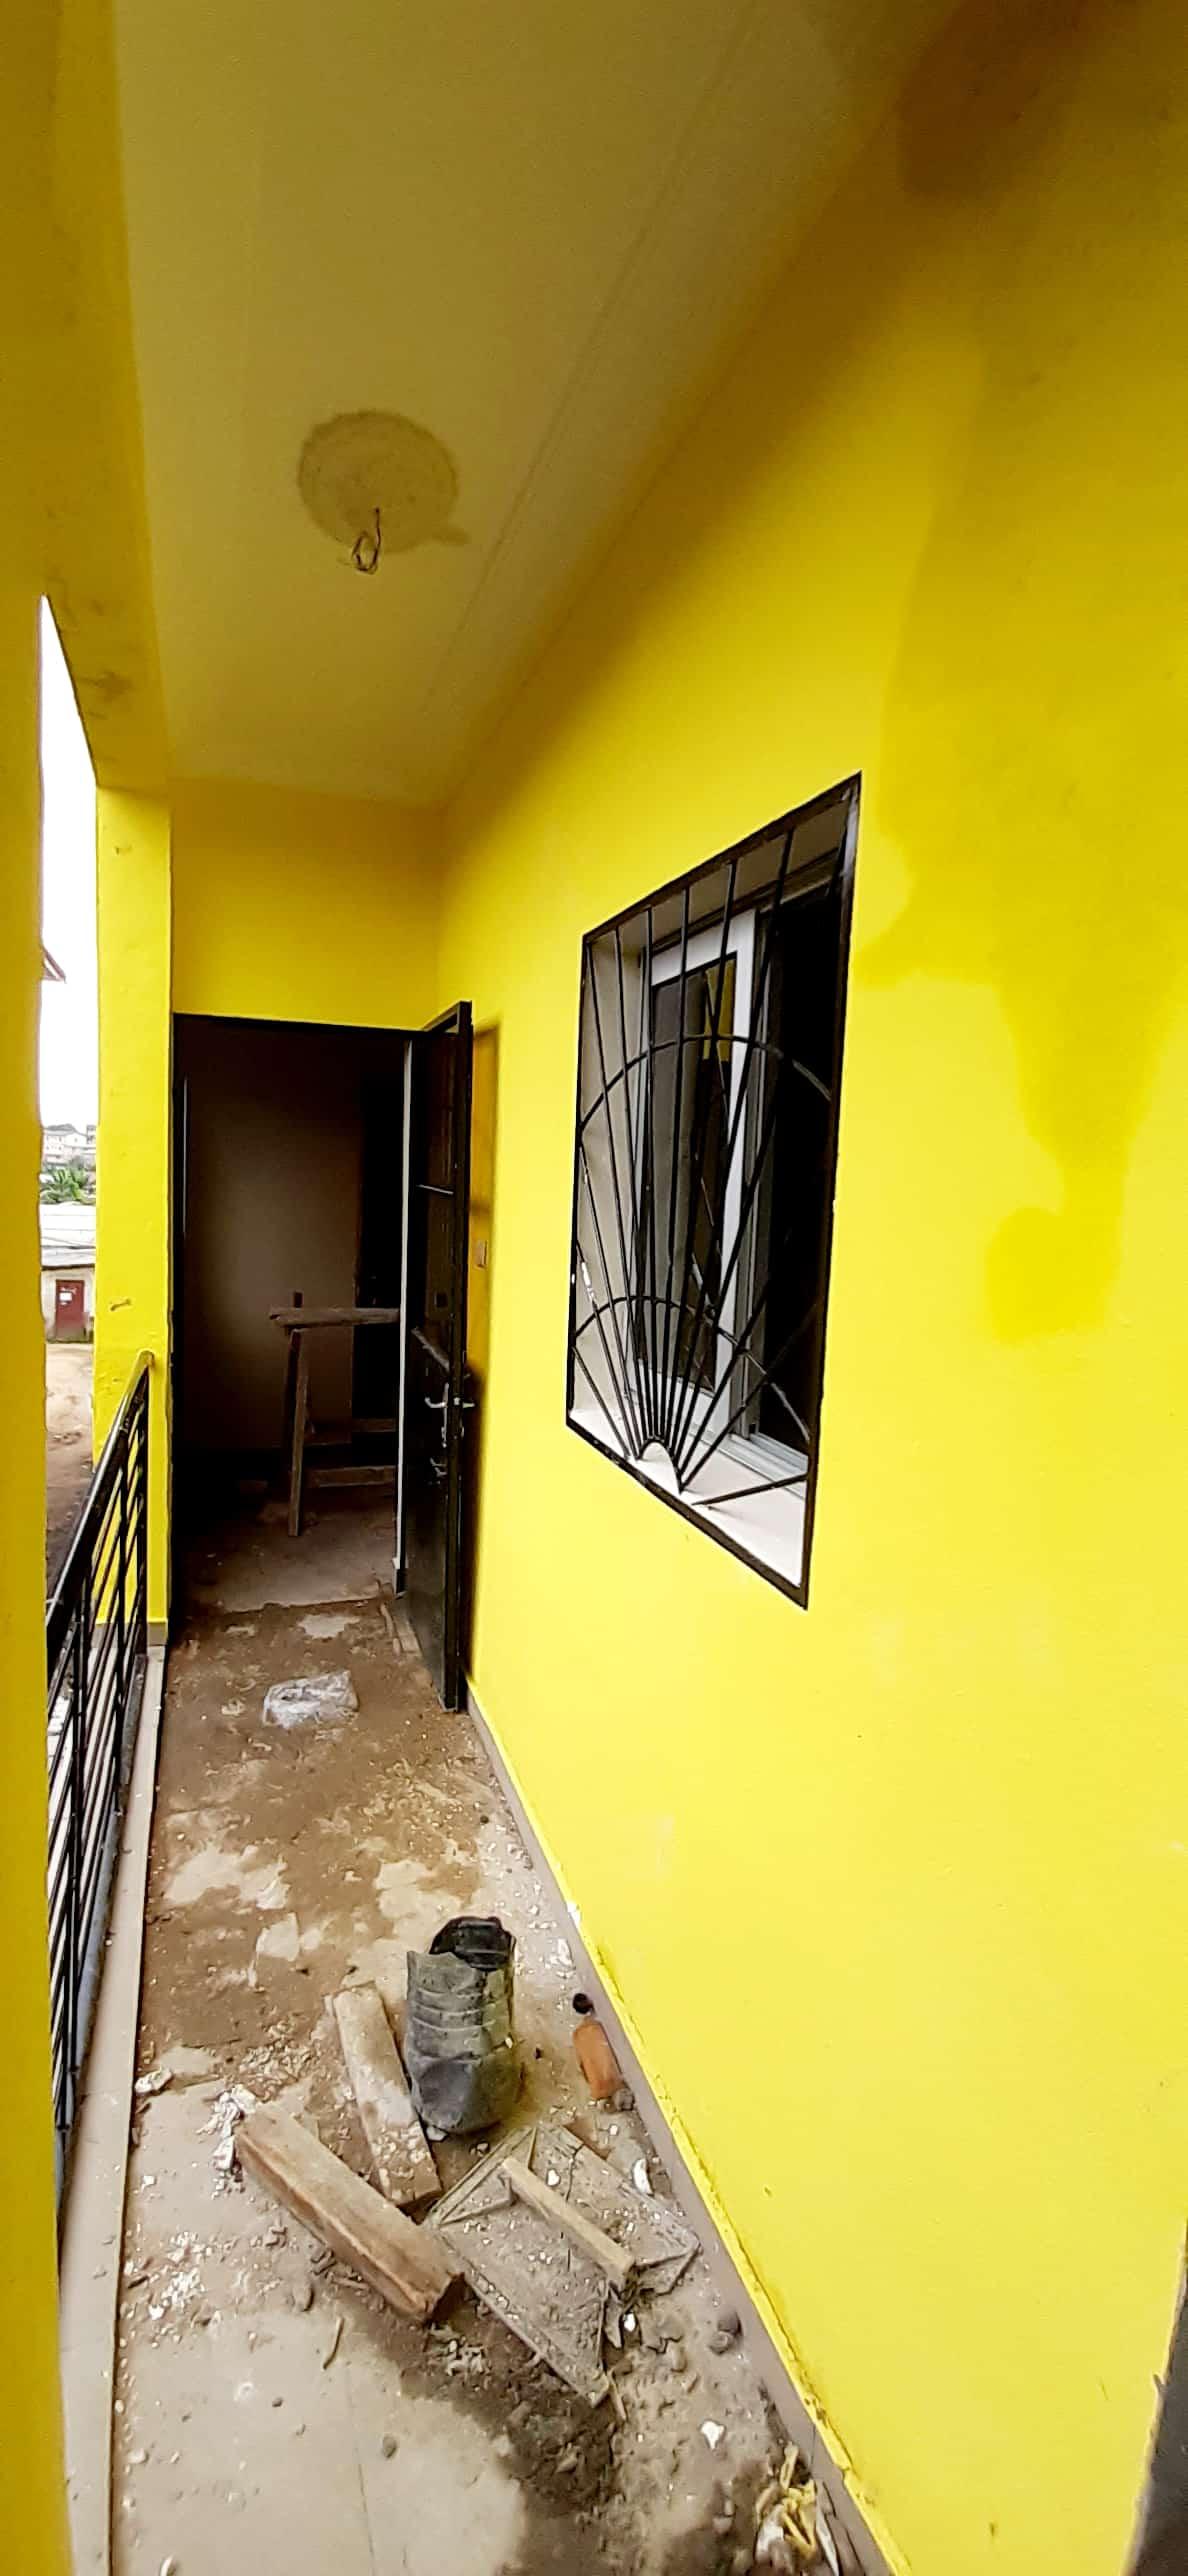 Chambre à louer - Douala, Kotto, Kotto Nbangue - 75 000 FCFA / mois